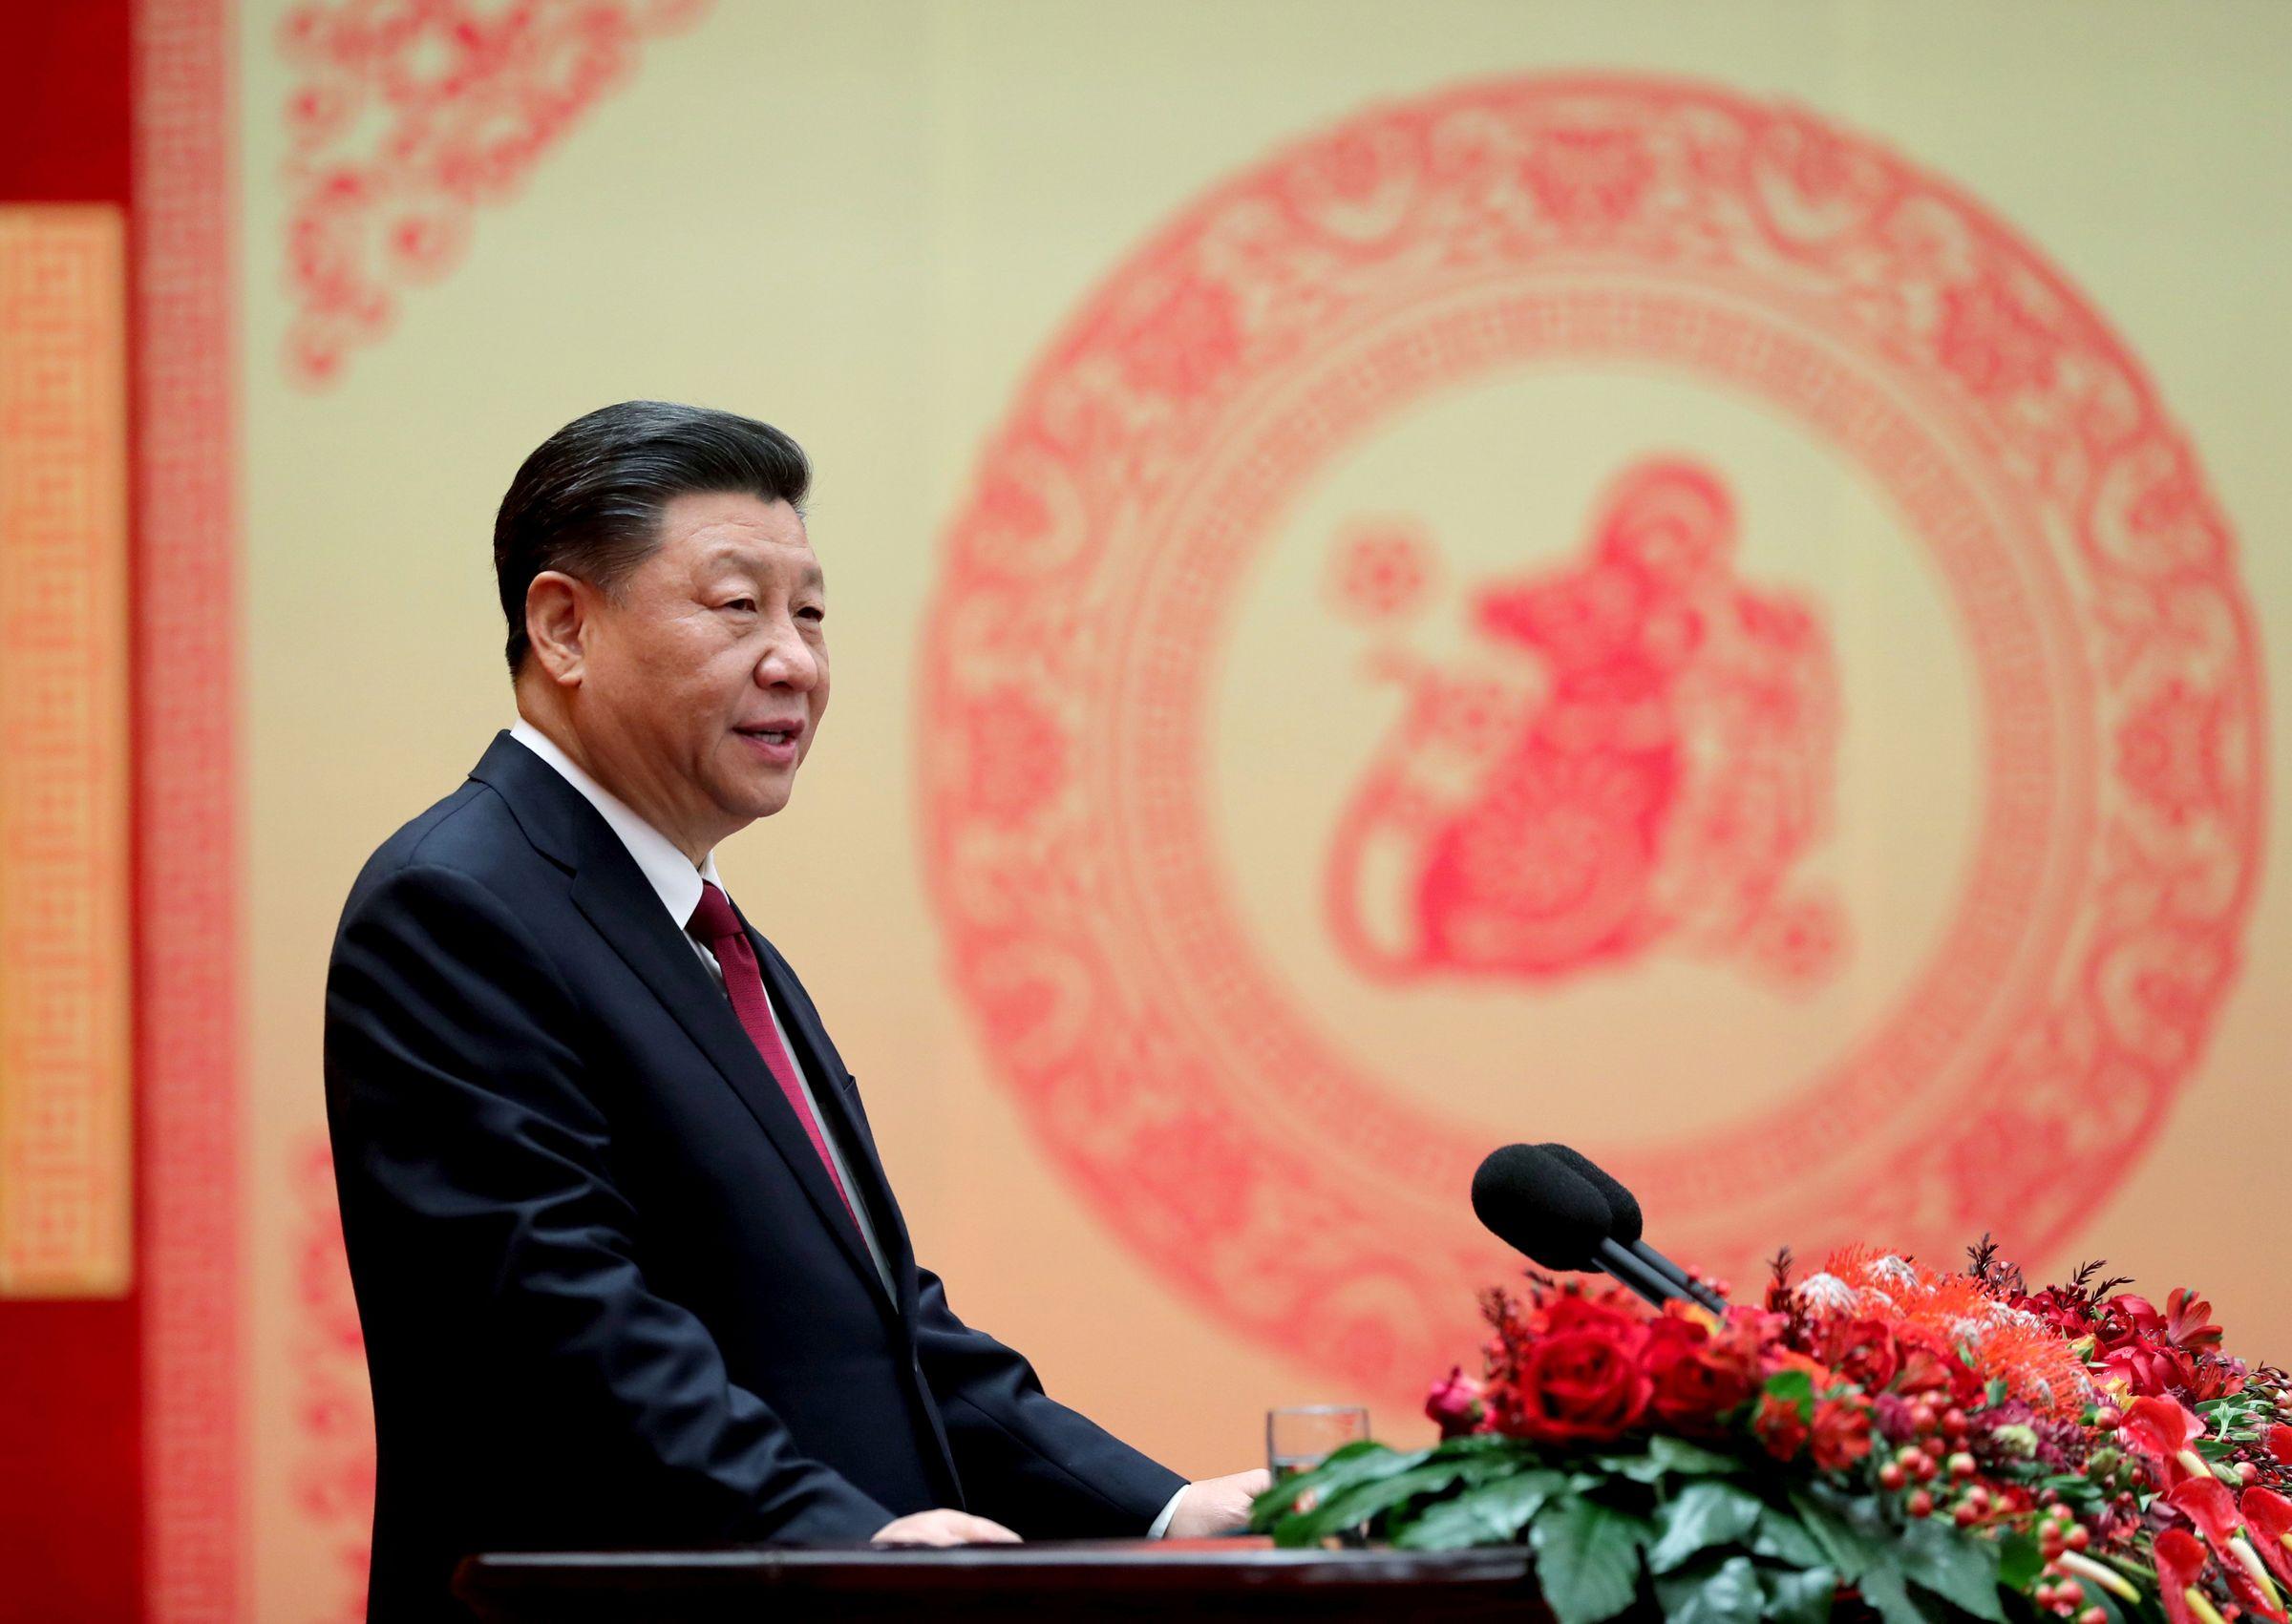 <p>Председатель КНР Си Цзиньпин. Фото © ТАСС / Ju Peng / Xinhua via ZUMA Wire</p>